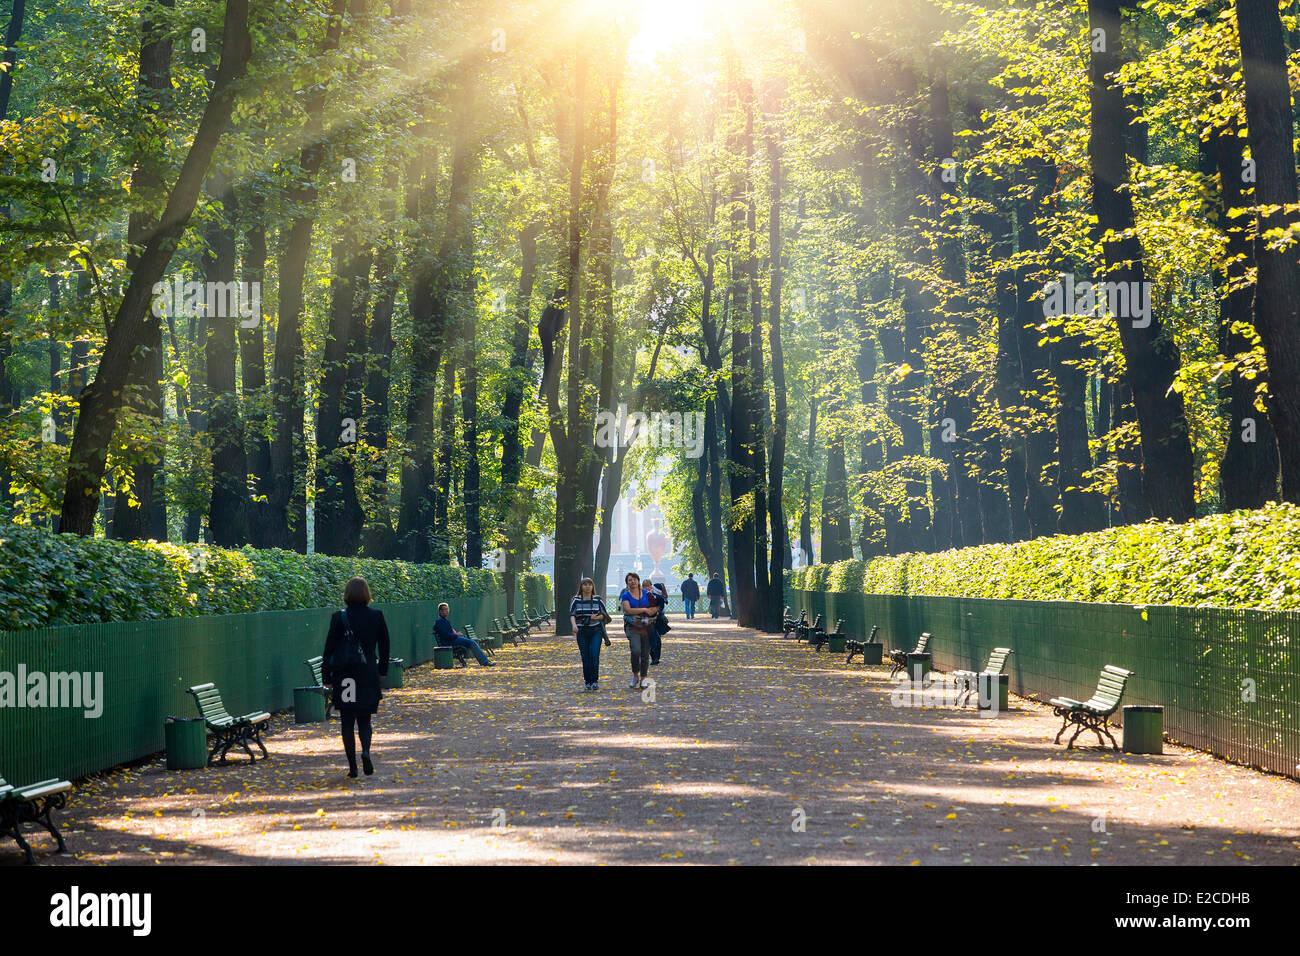 La Russie, Saint-Pétersbourg, inscrite au Patrimoine Mondial de l'UNESCO, le jardin d'été Photo Stock